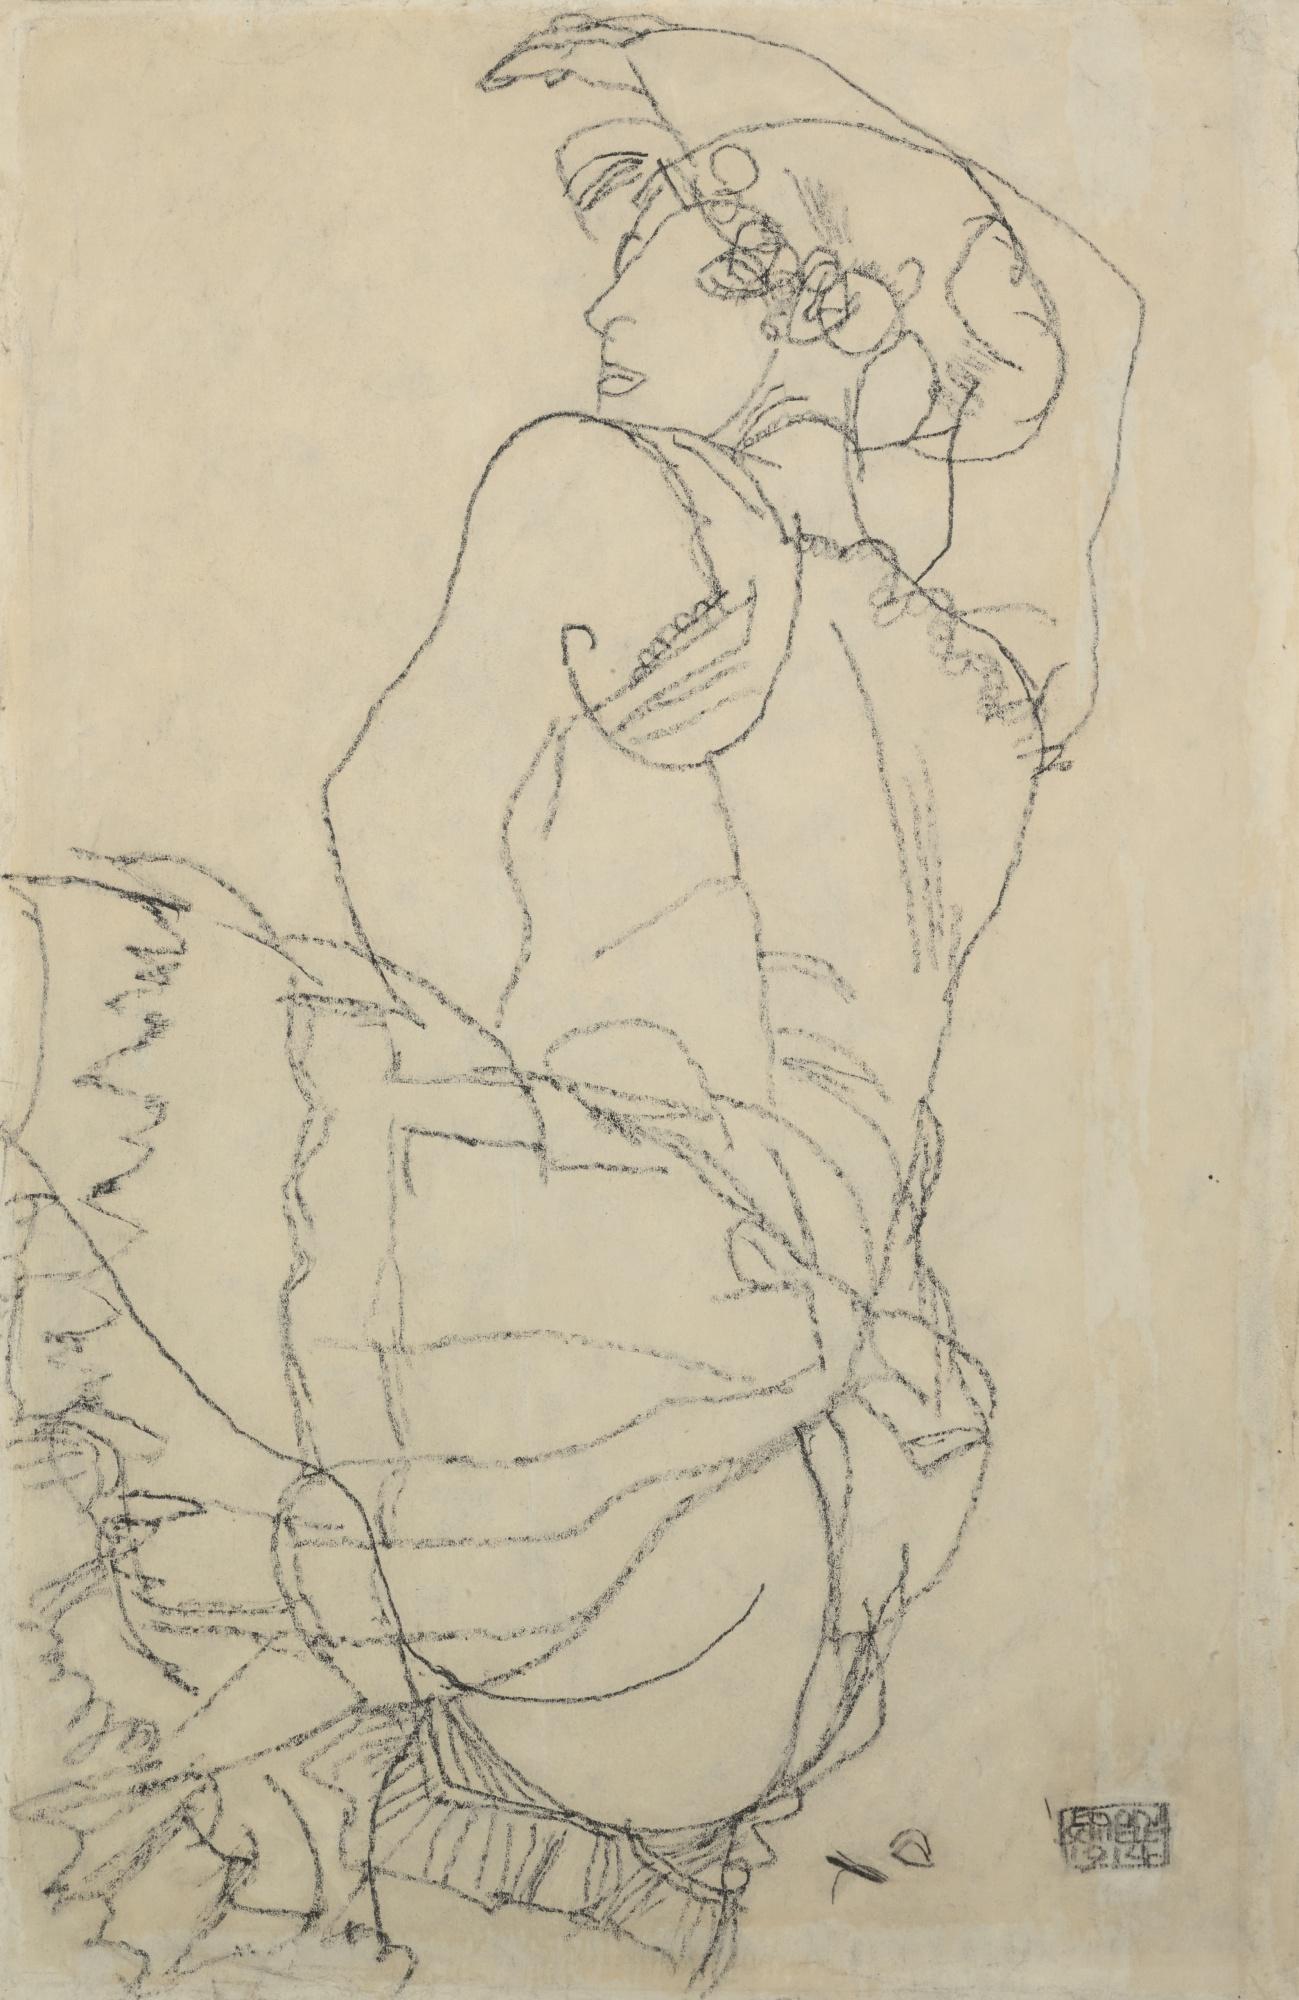 Egon Schiele-Frau In Unterwasche Mit Erhobenem Rechten Arm (Woman In Underclothes With Raised Right Arm) - Recto Kauernde Nackte Frau (Crouching Nude) - Verso-1914